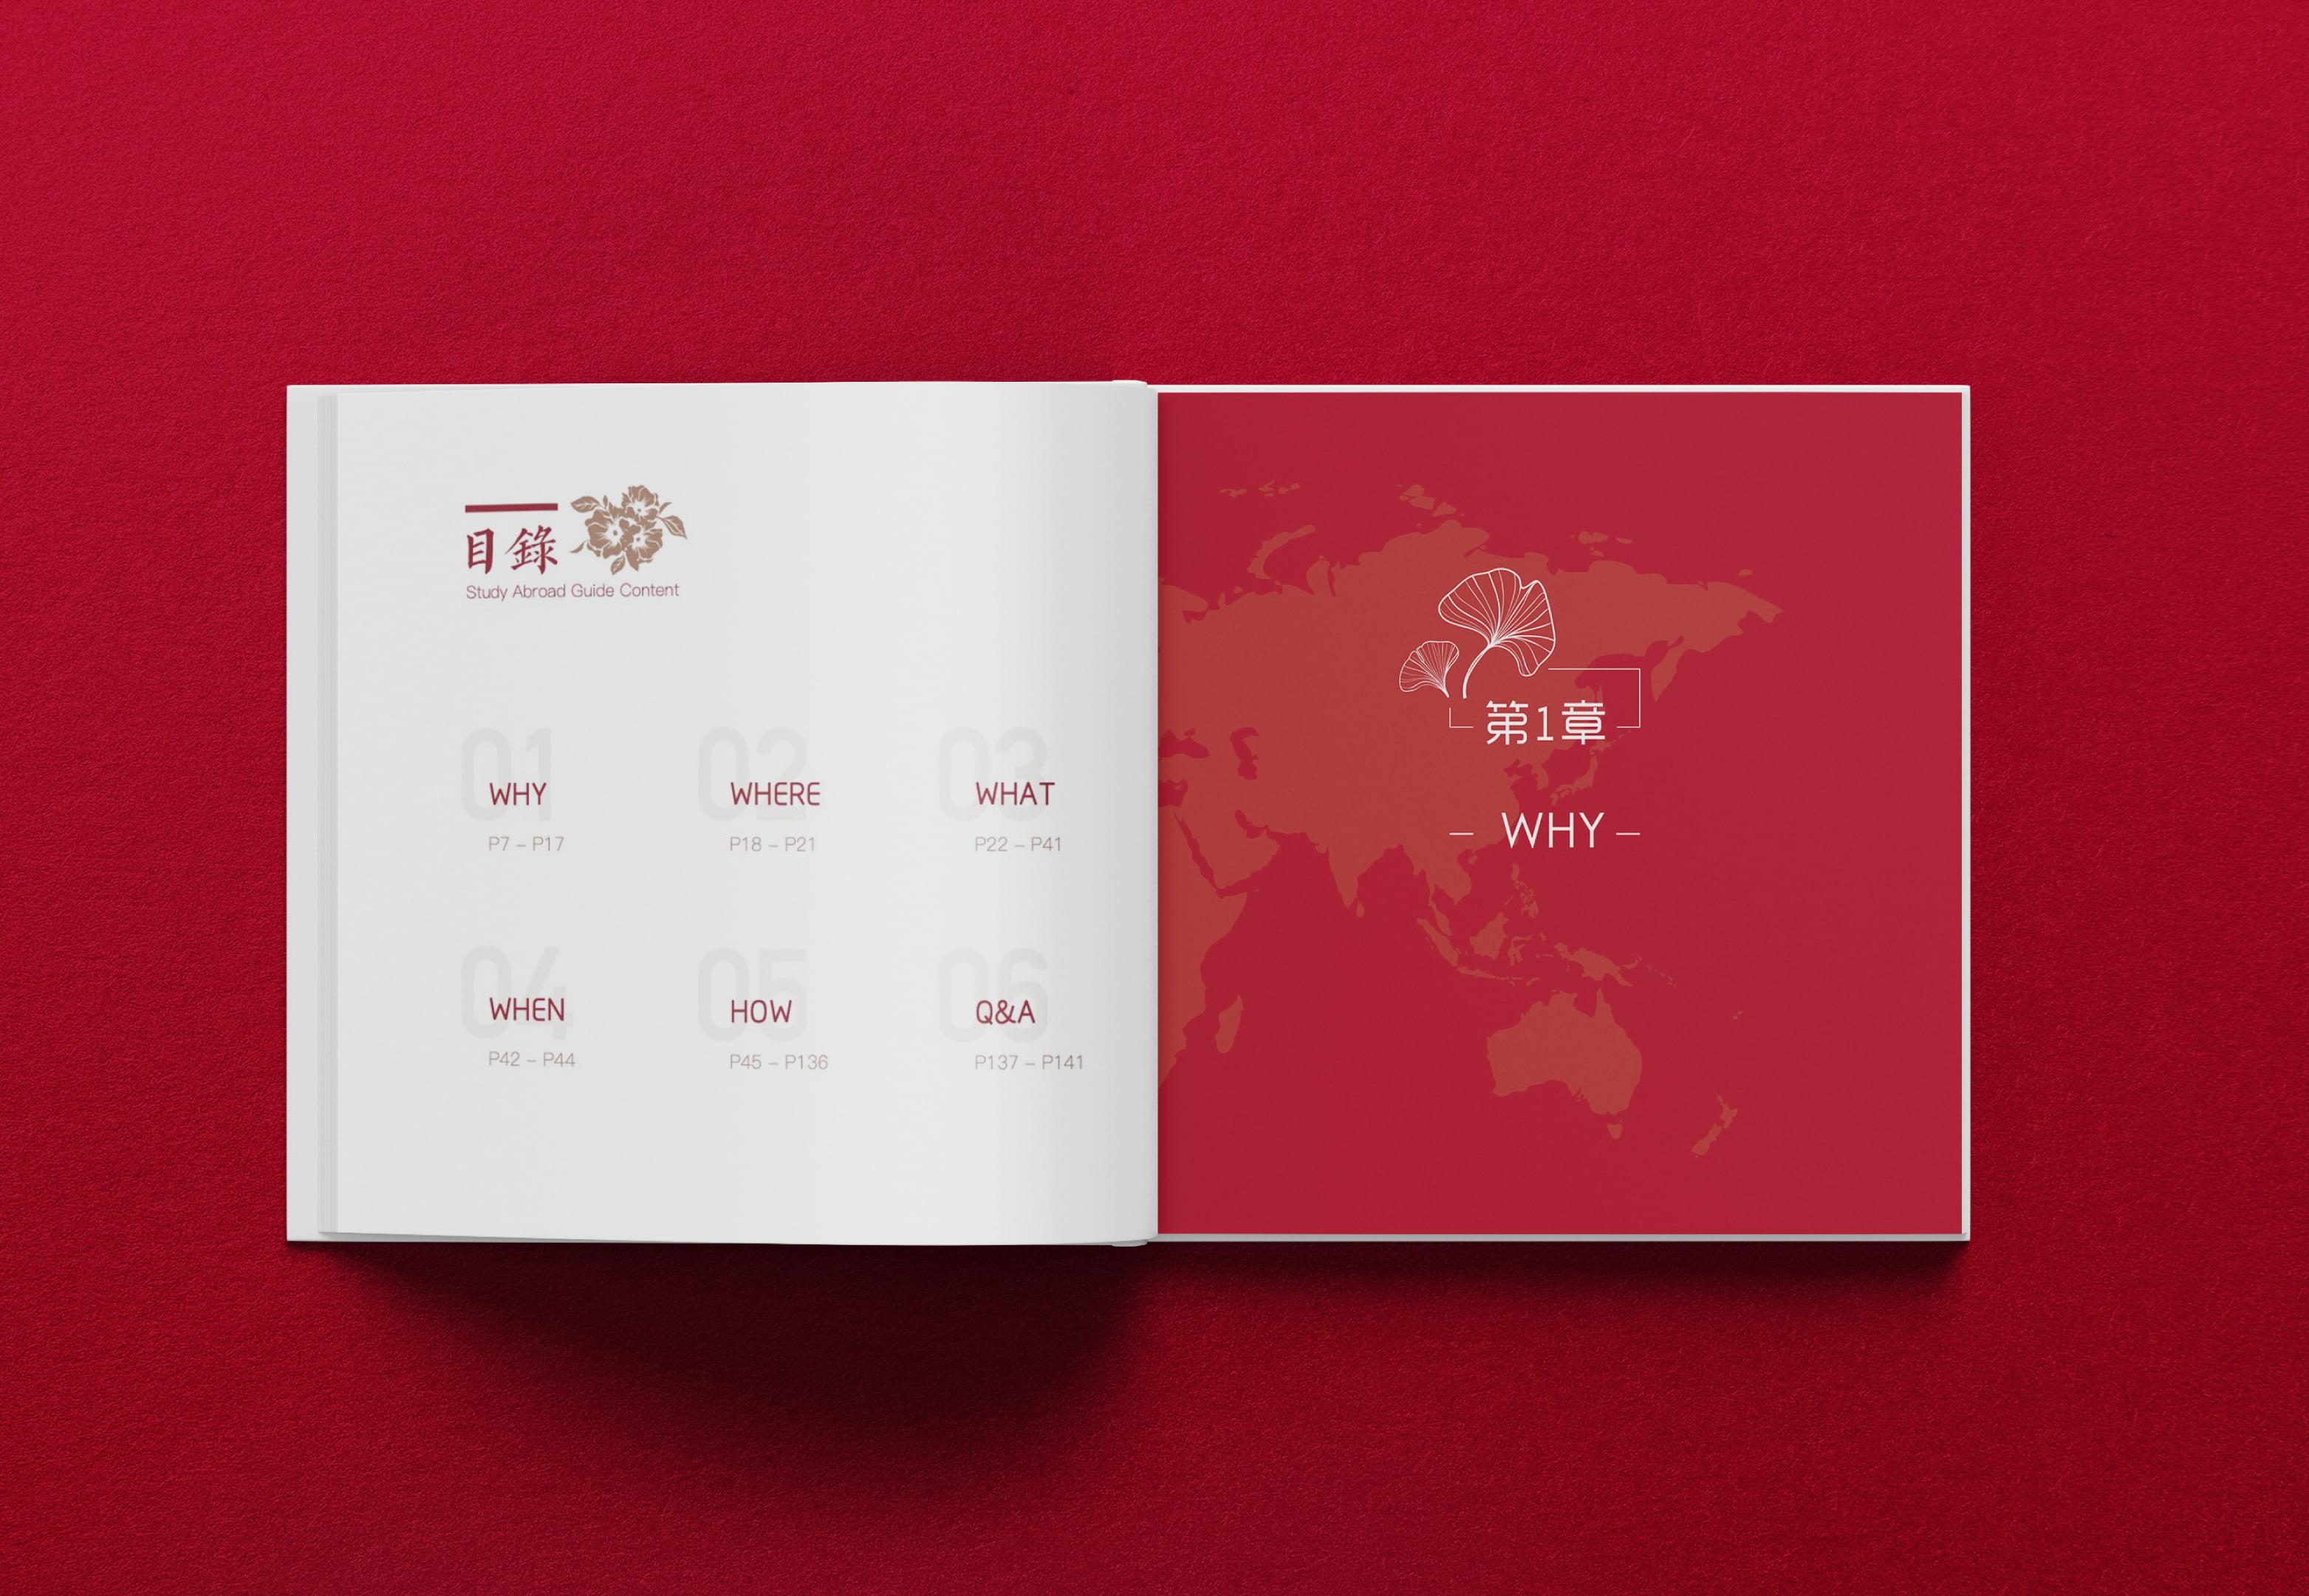 中國人民大學海外學習手冊目錄